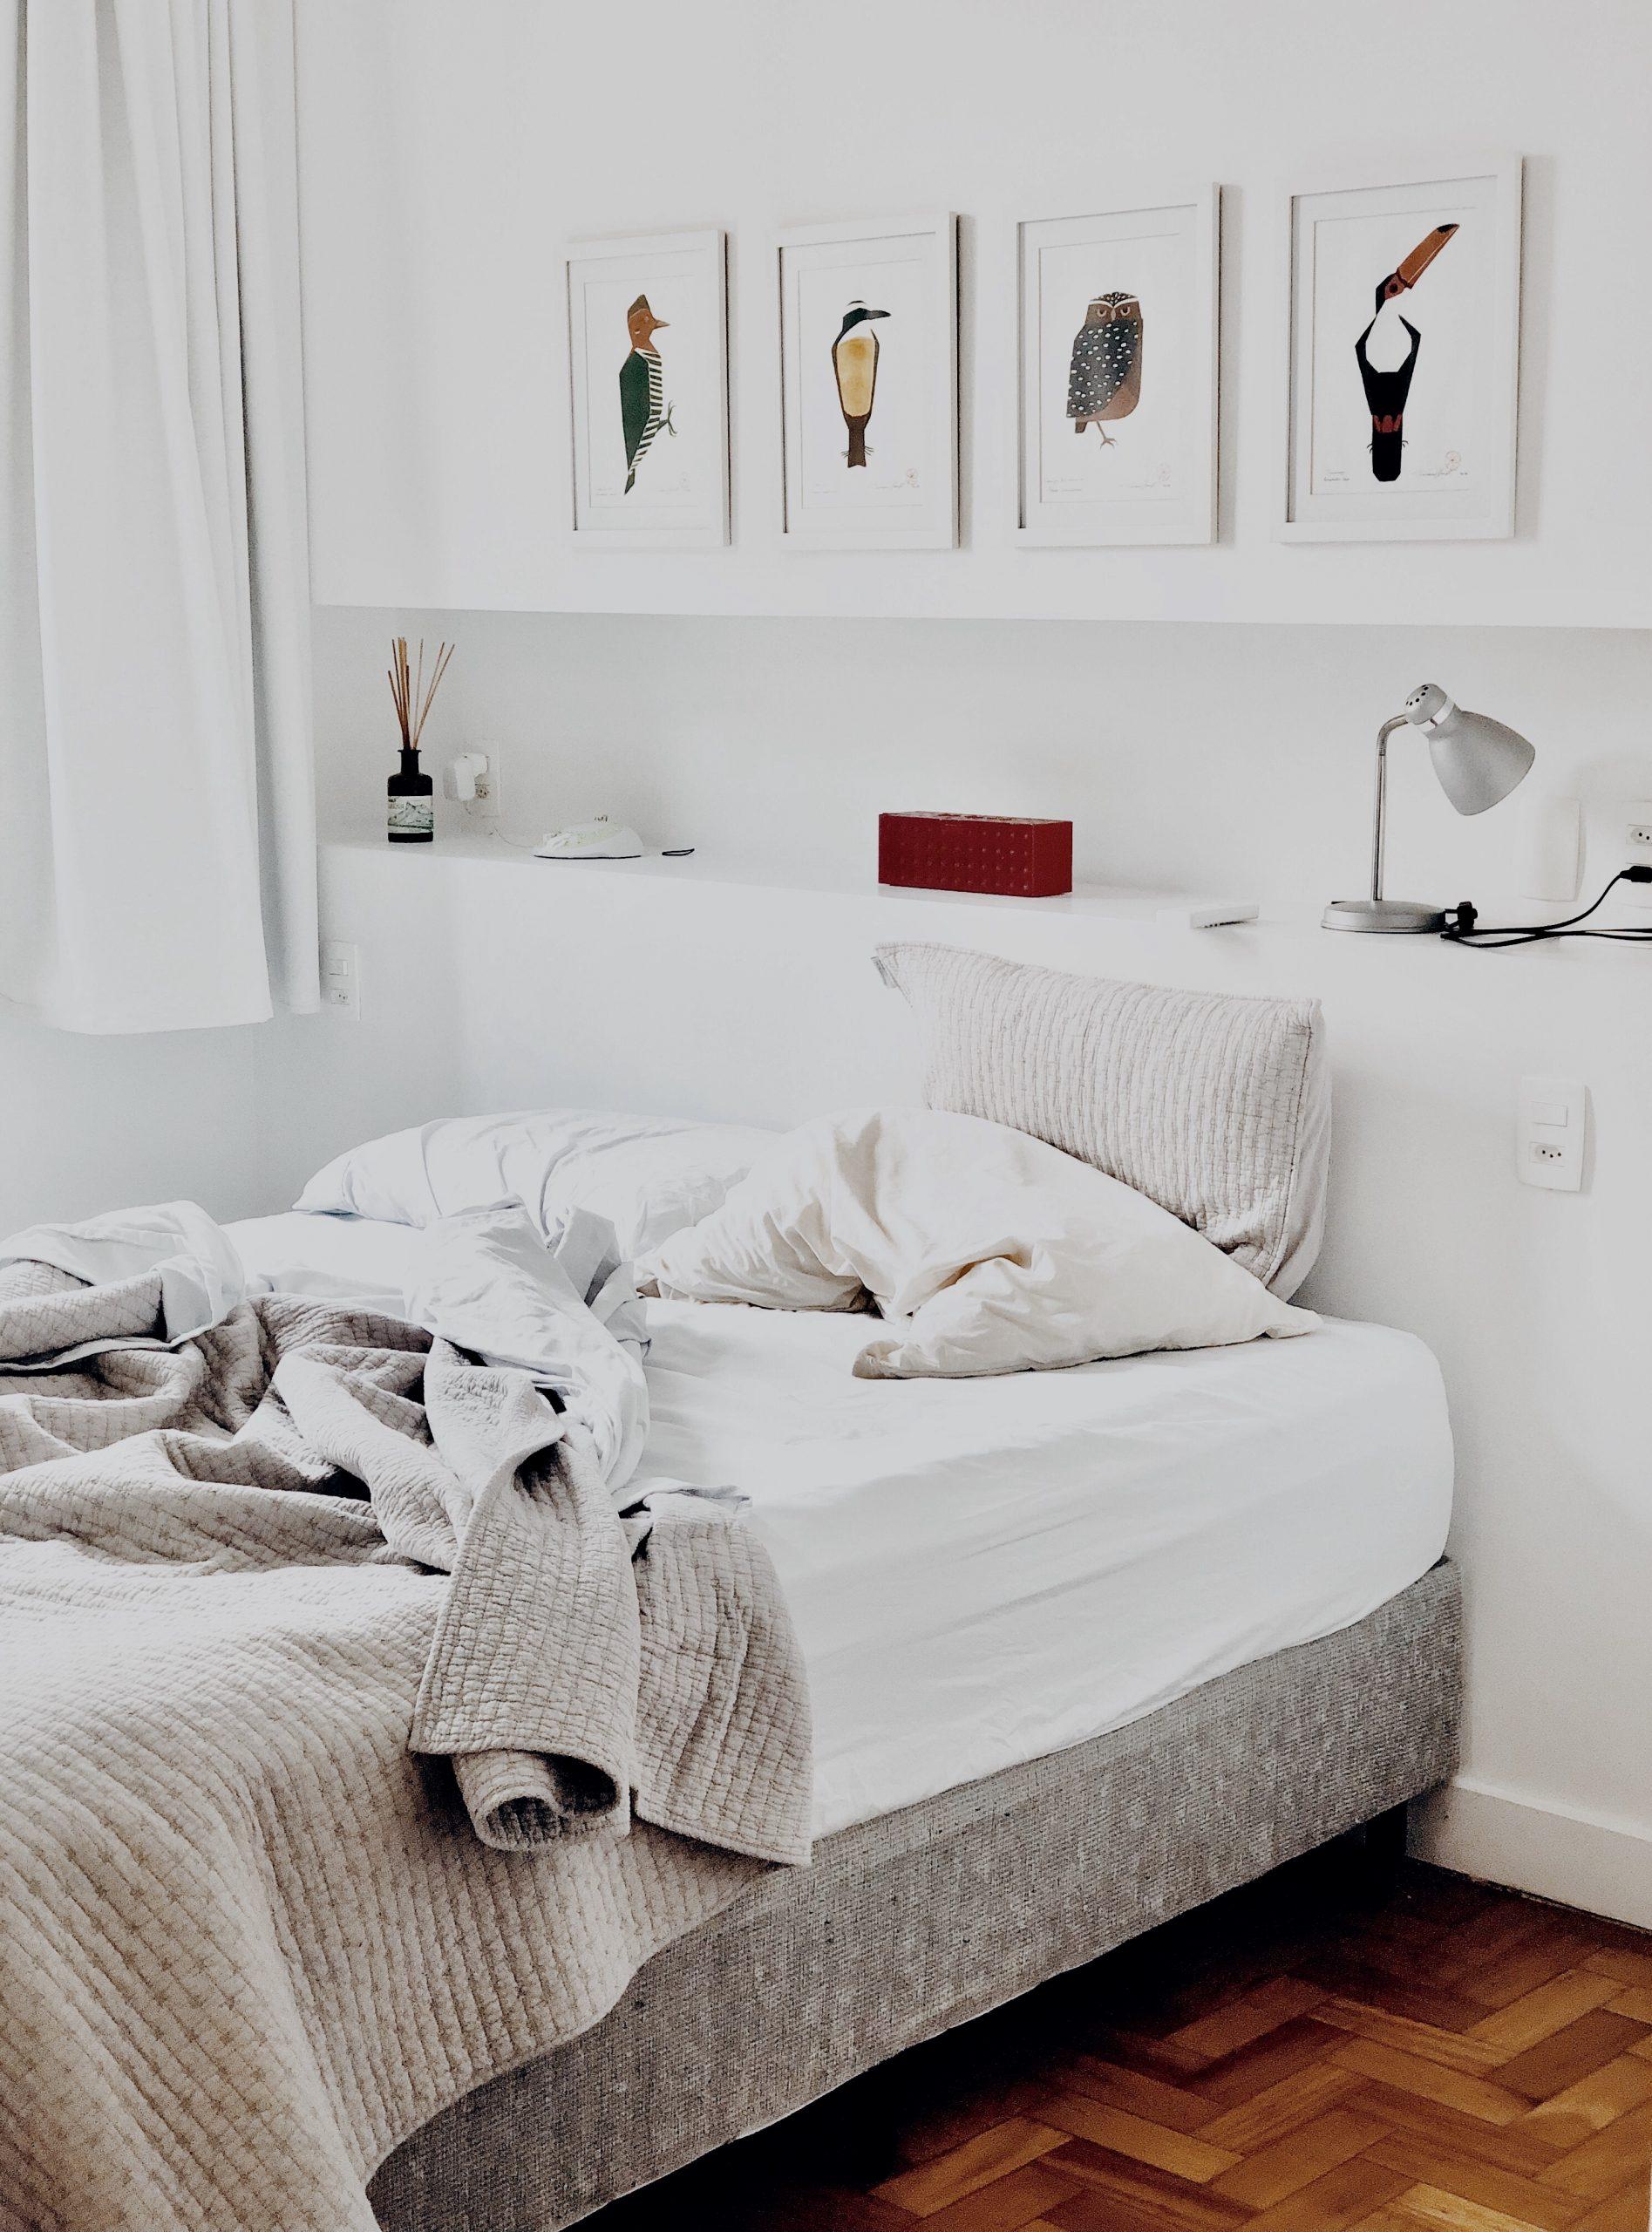 uredet seng i soveværelse